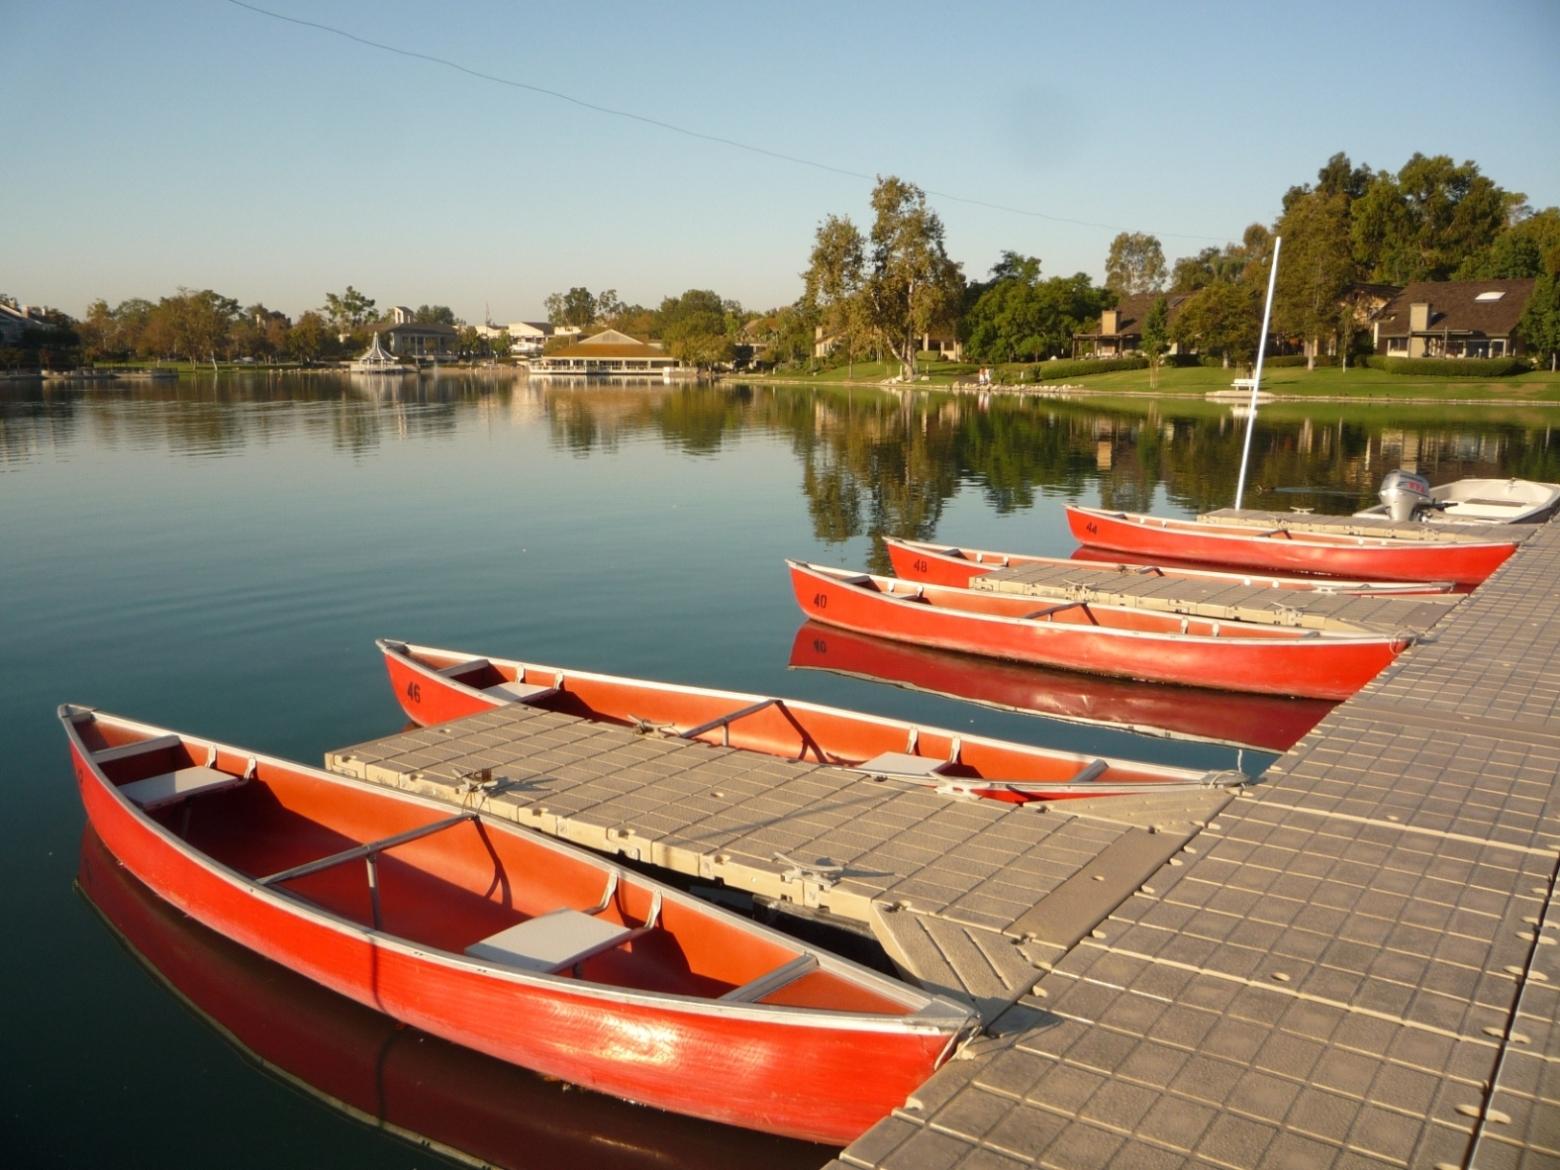 Boats at Woodbridge North Lake